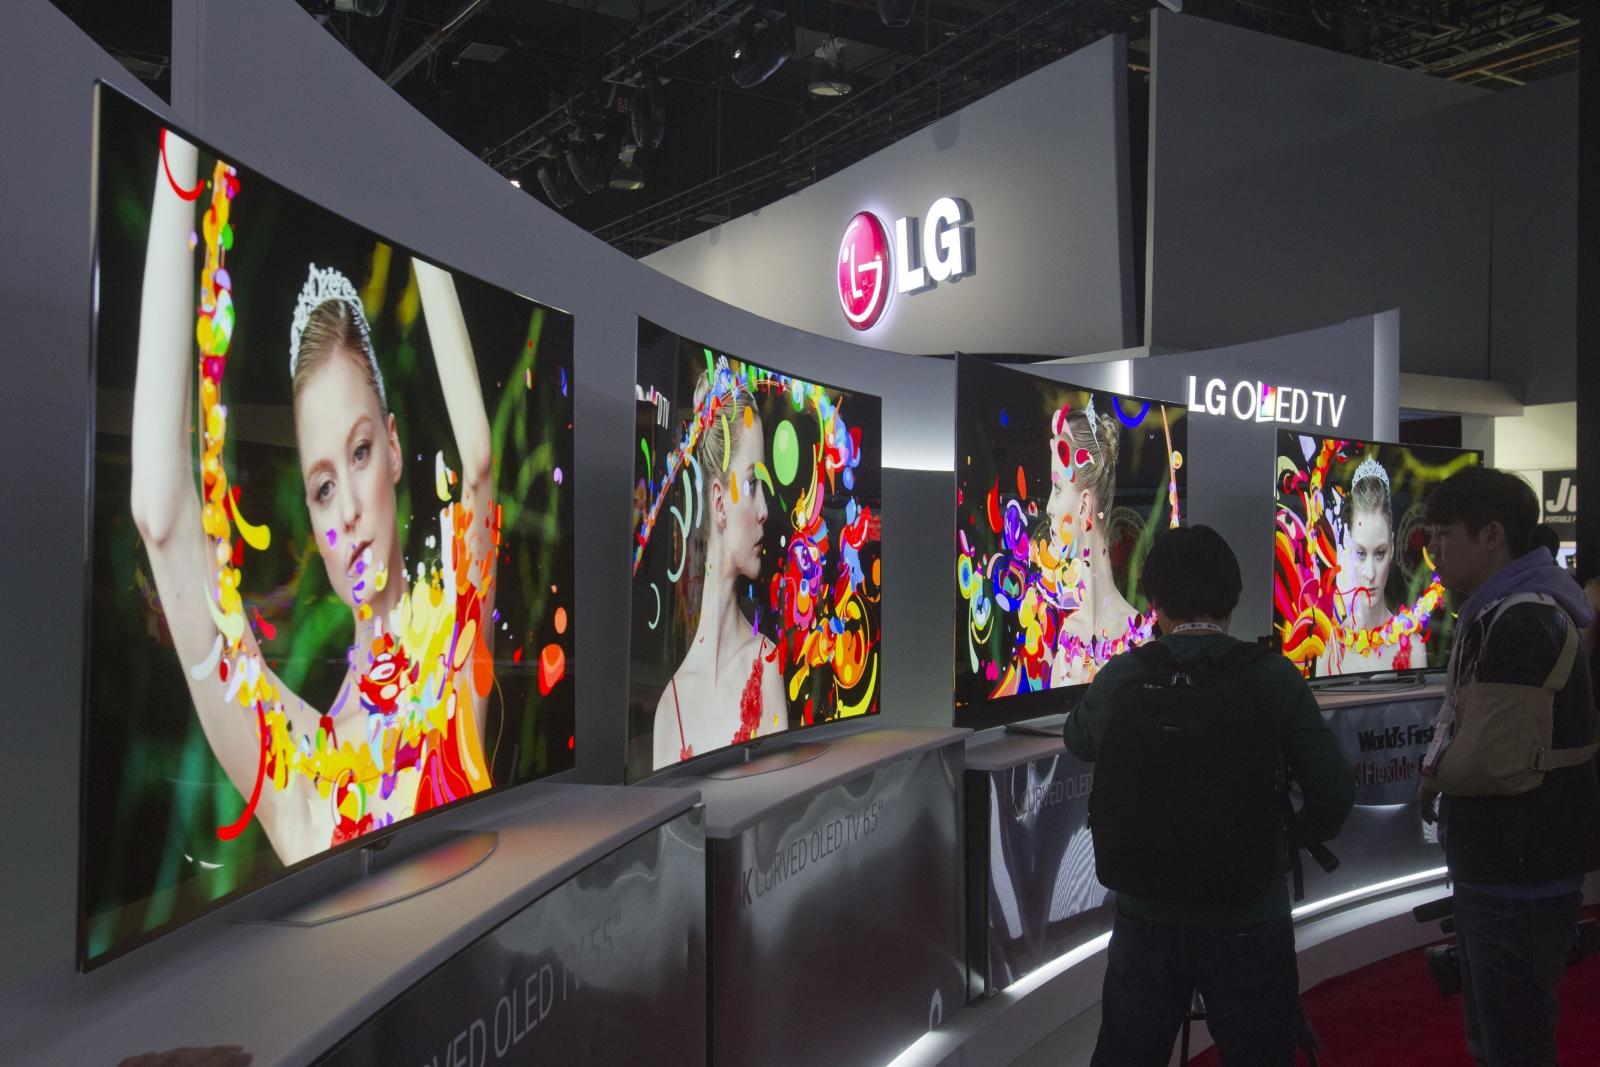 LG UHD televisions